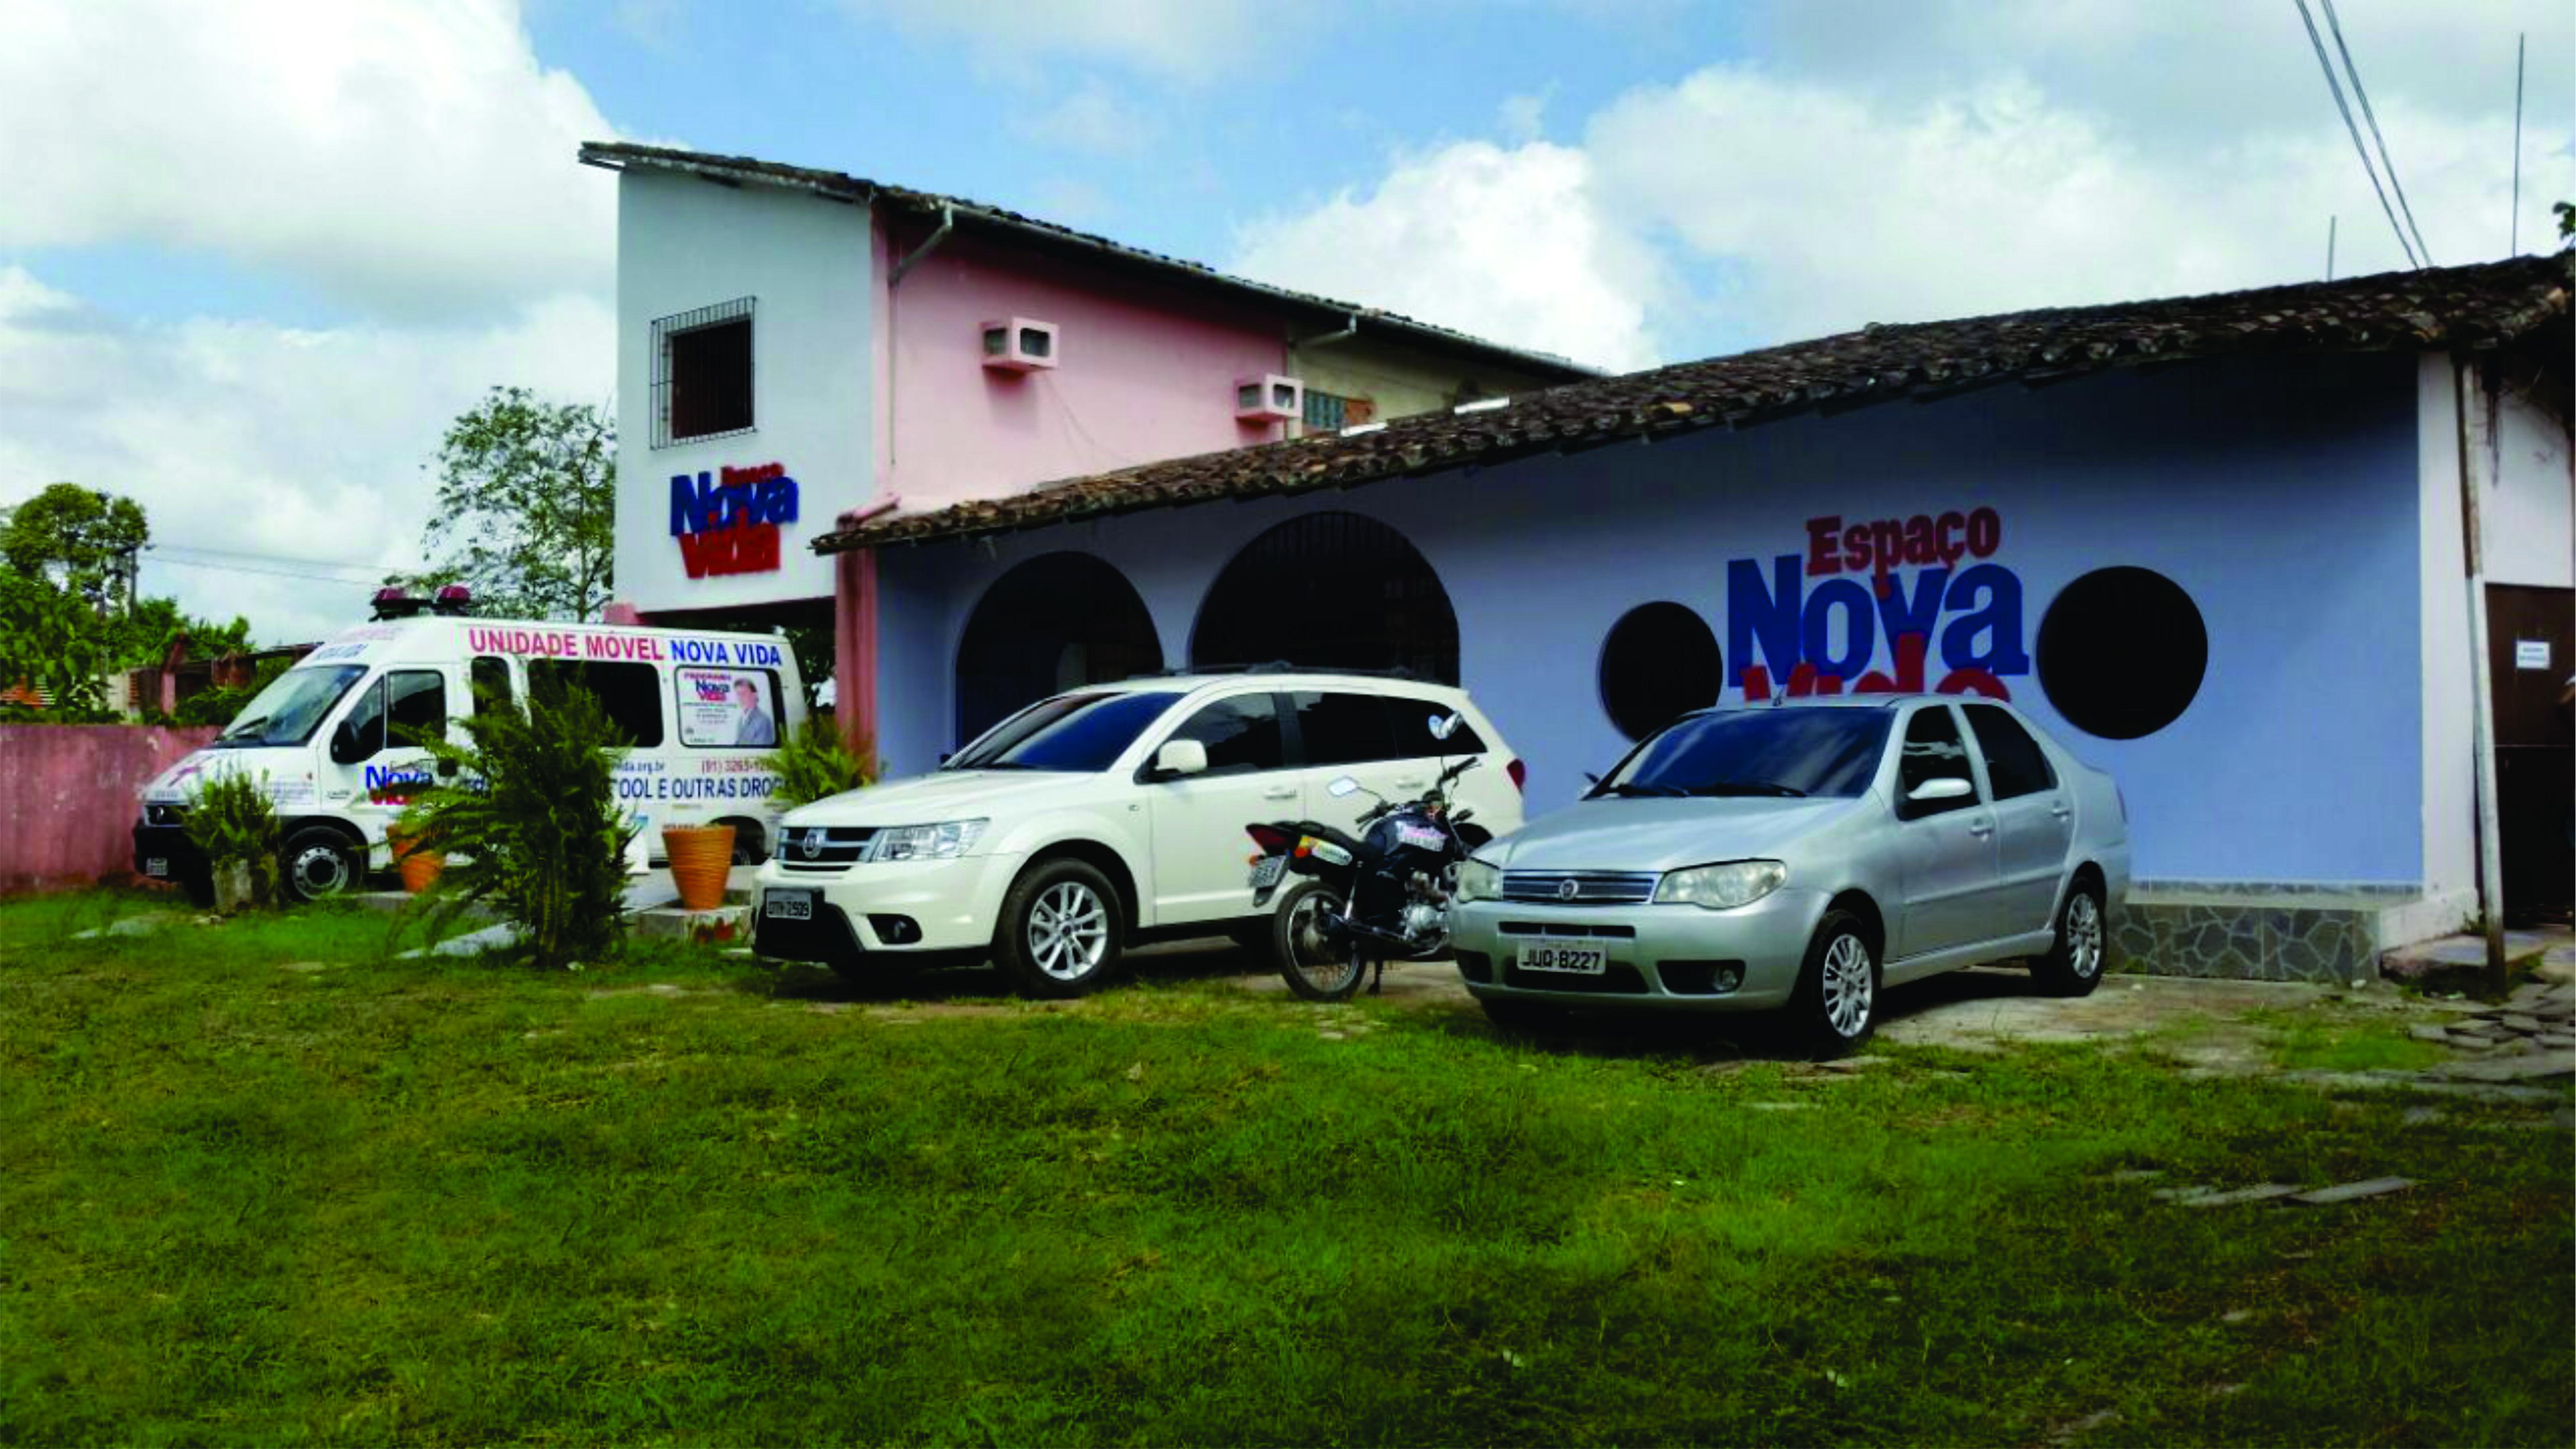 Foto site no carros.jpg